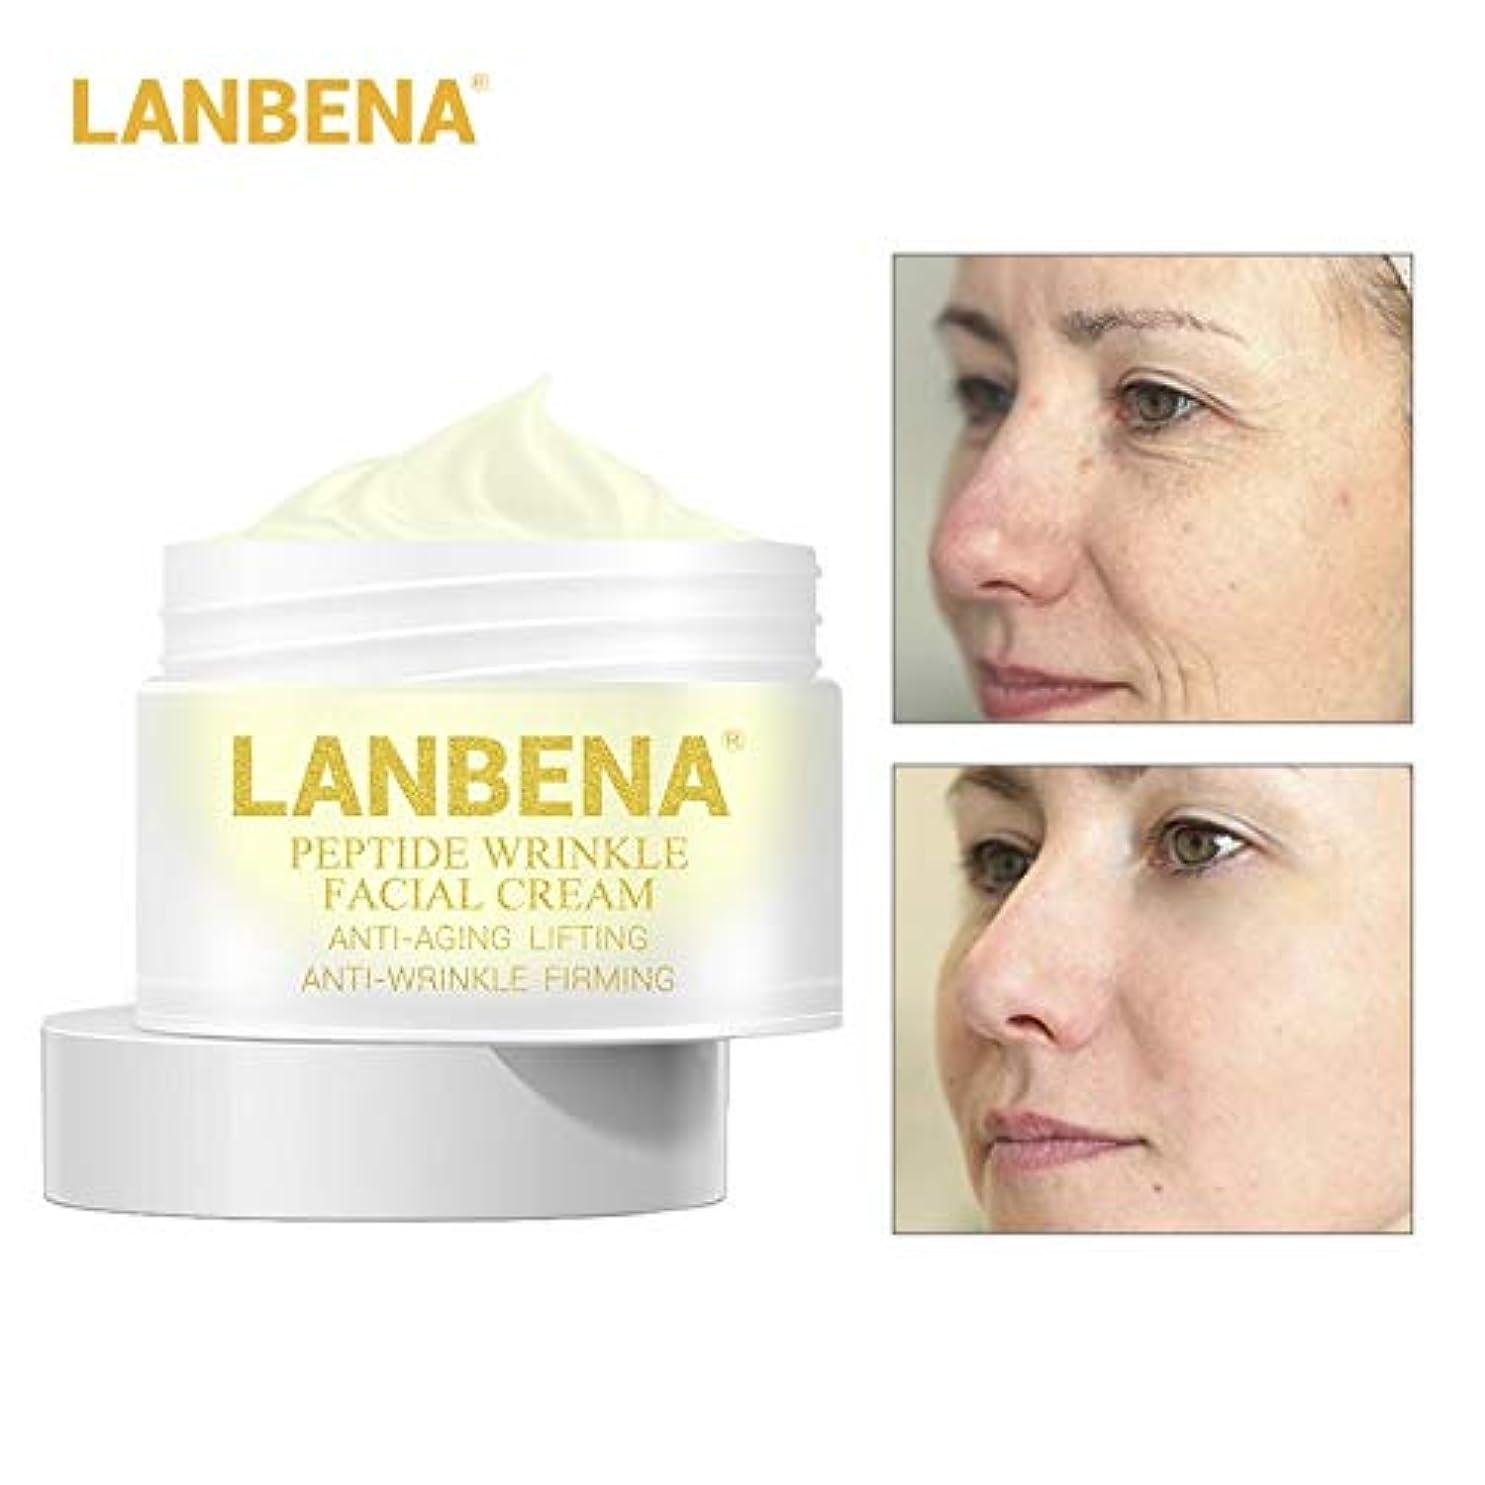 掃く無限はねかけるフェイスクリームケア鼻唇溝ディープ水分補給フェイシャルクリームを-firming LANBENAブランドペプチドアンチしわ